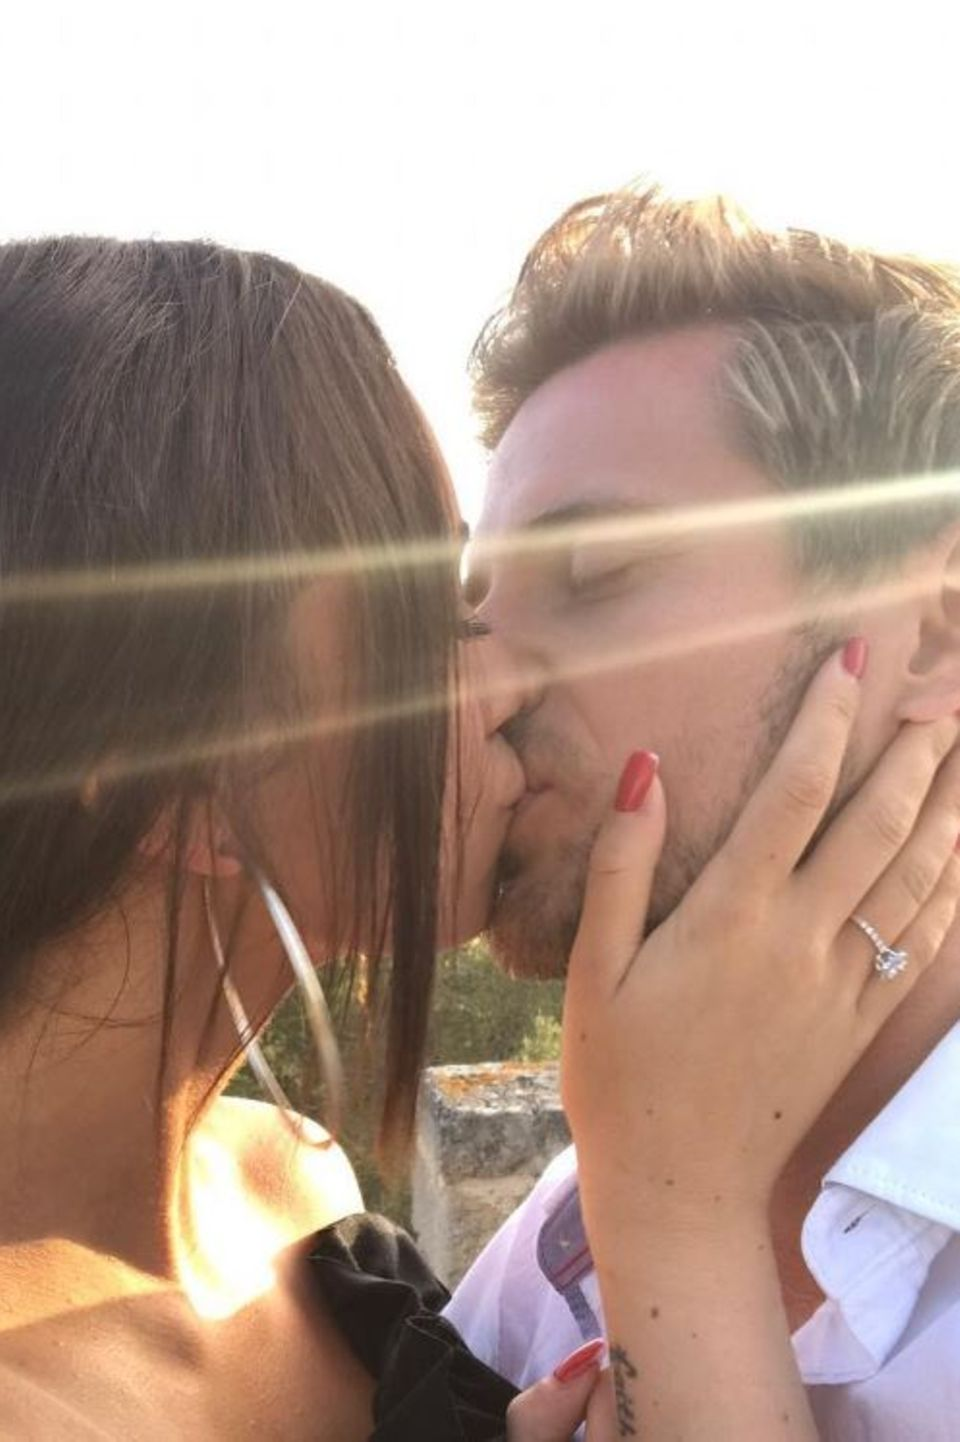 Ein Kuss um die Blitz-Verlobung zu feiern: GZSZ-Star Jörn Schlönvoigt lernte seine Hanna auf einer Dating-Plattform kennen und lieben.